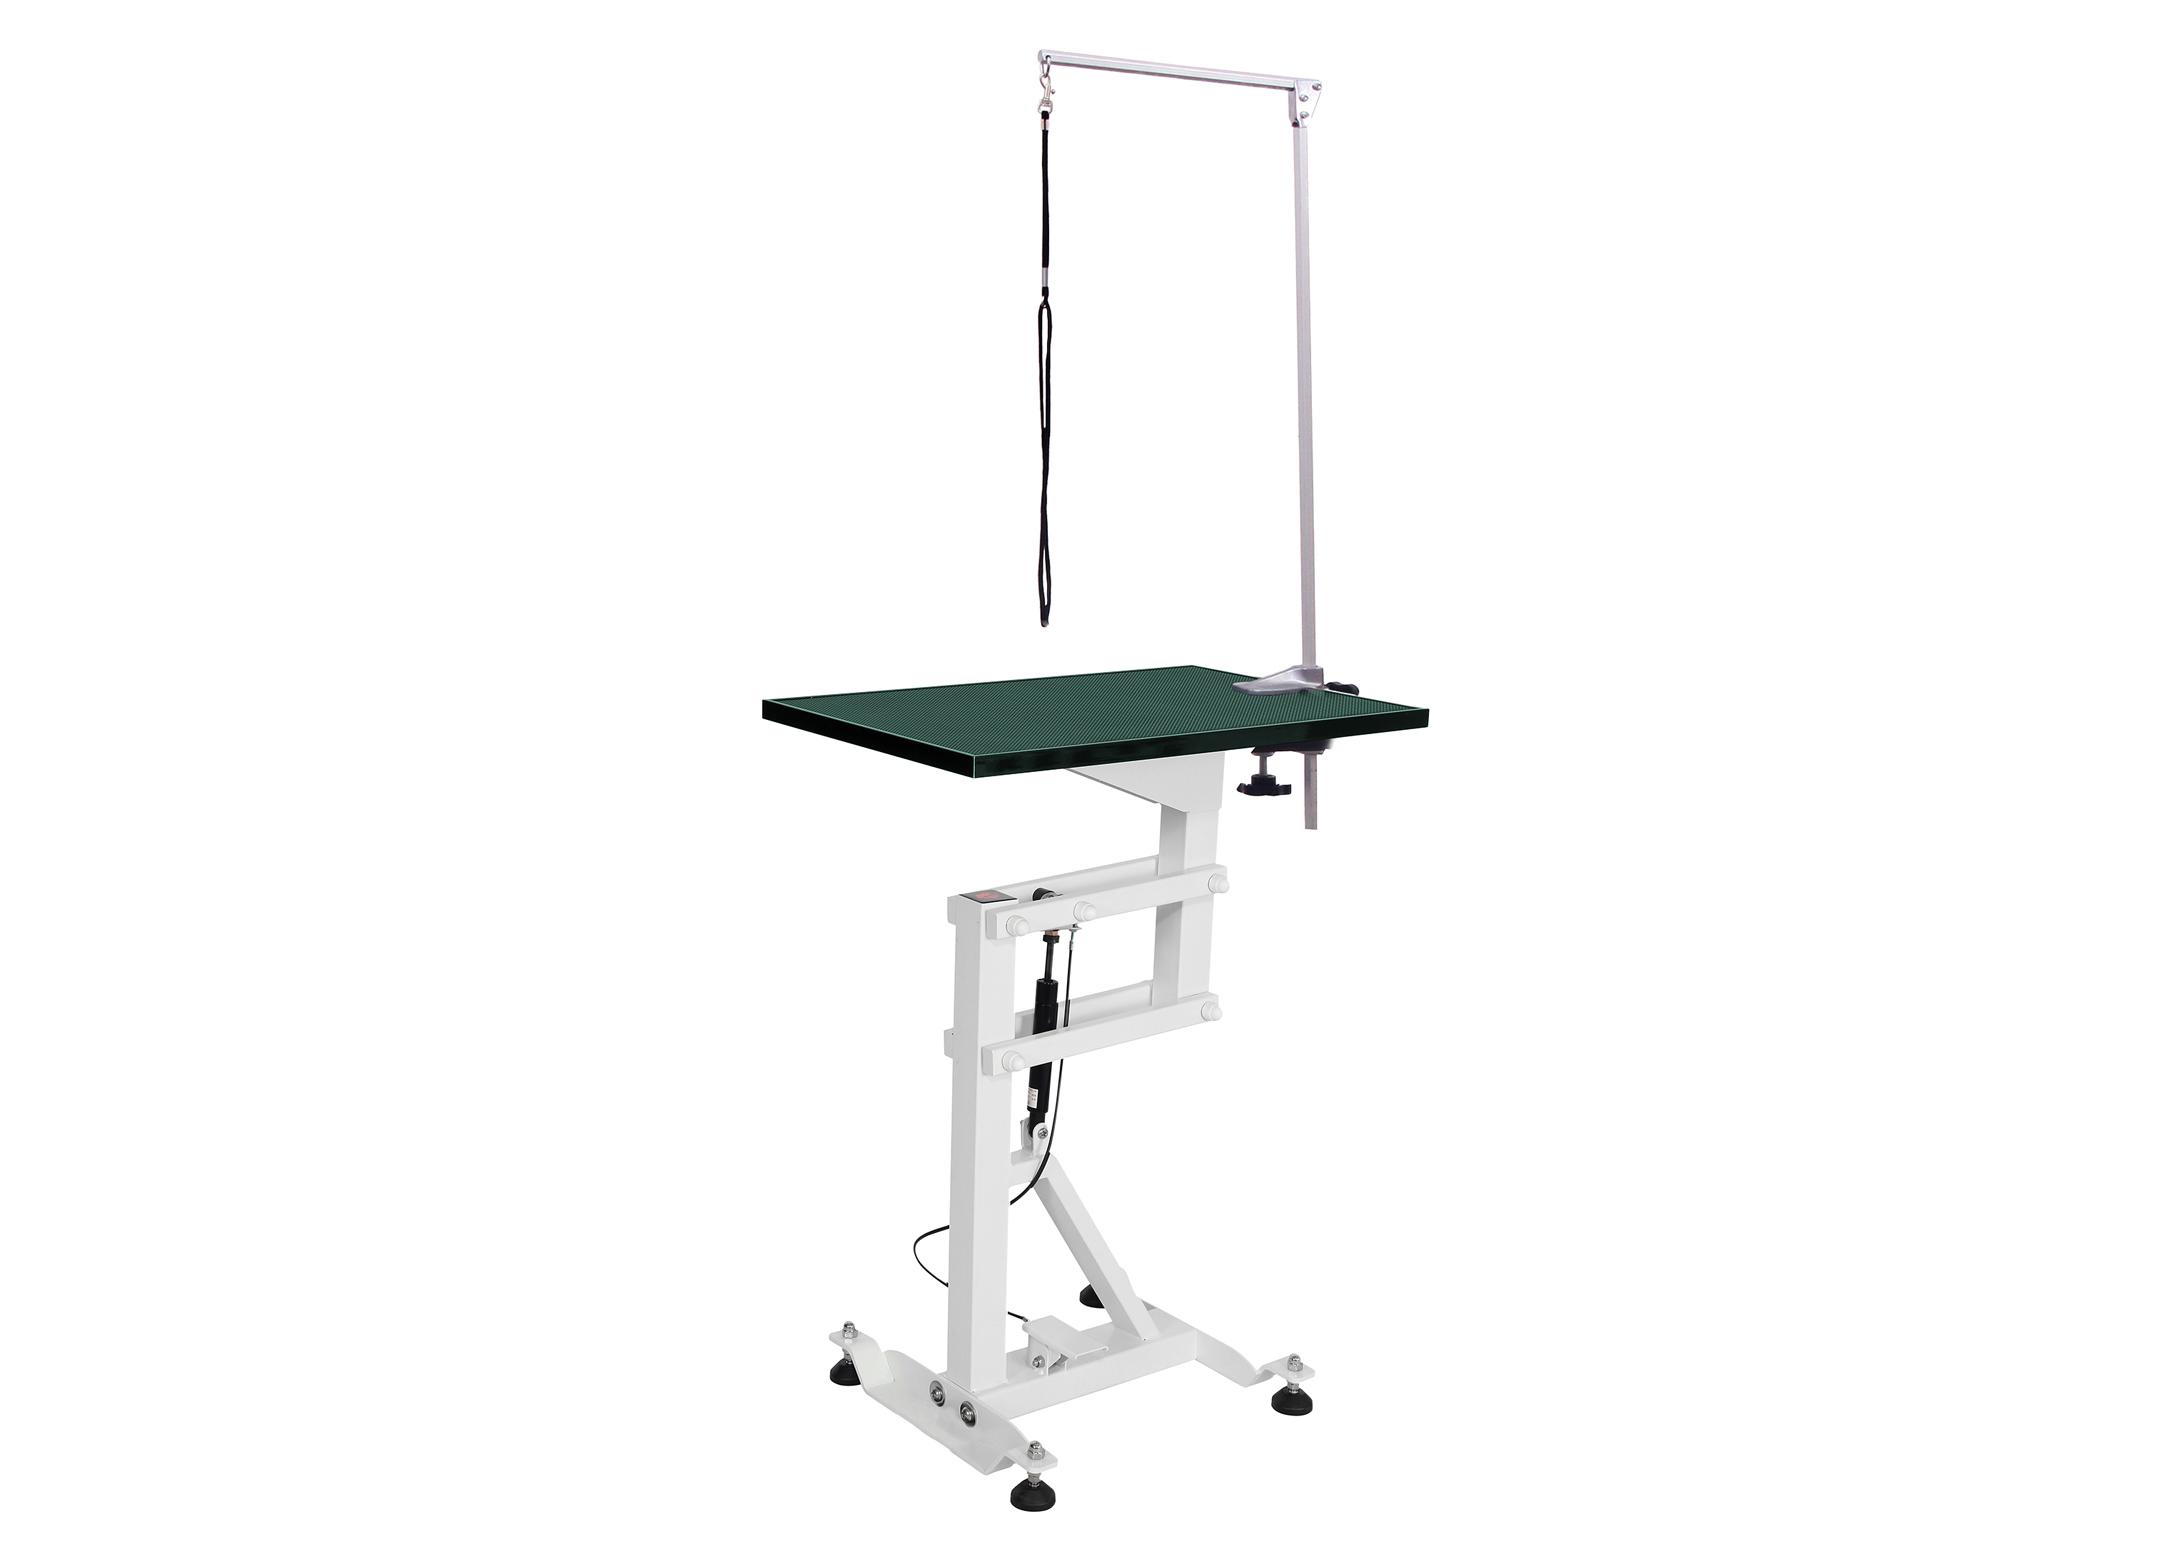 Groom-X Compact Air Lift Table de Toilettage Rectangulaire 60x40cmx80-120cmh avec Potence